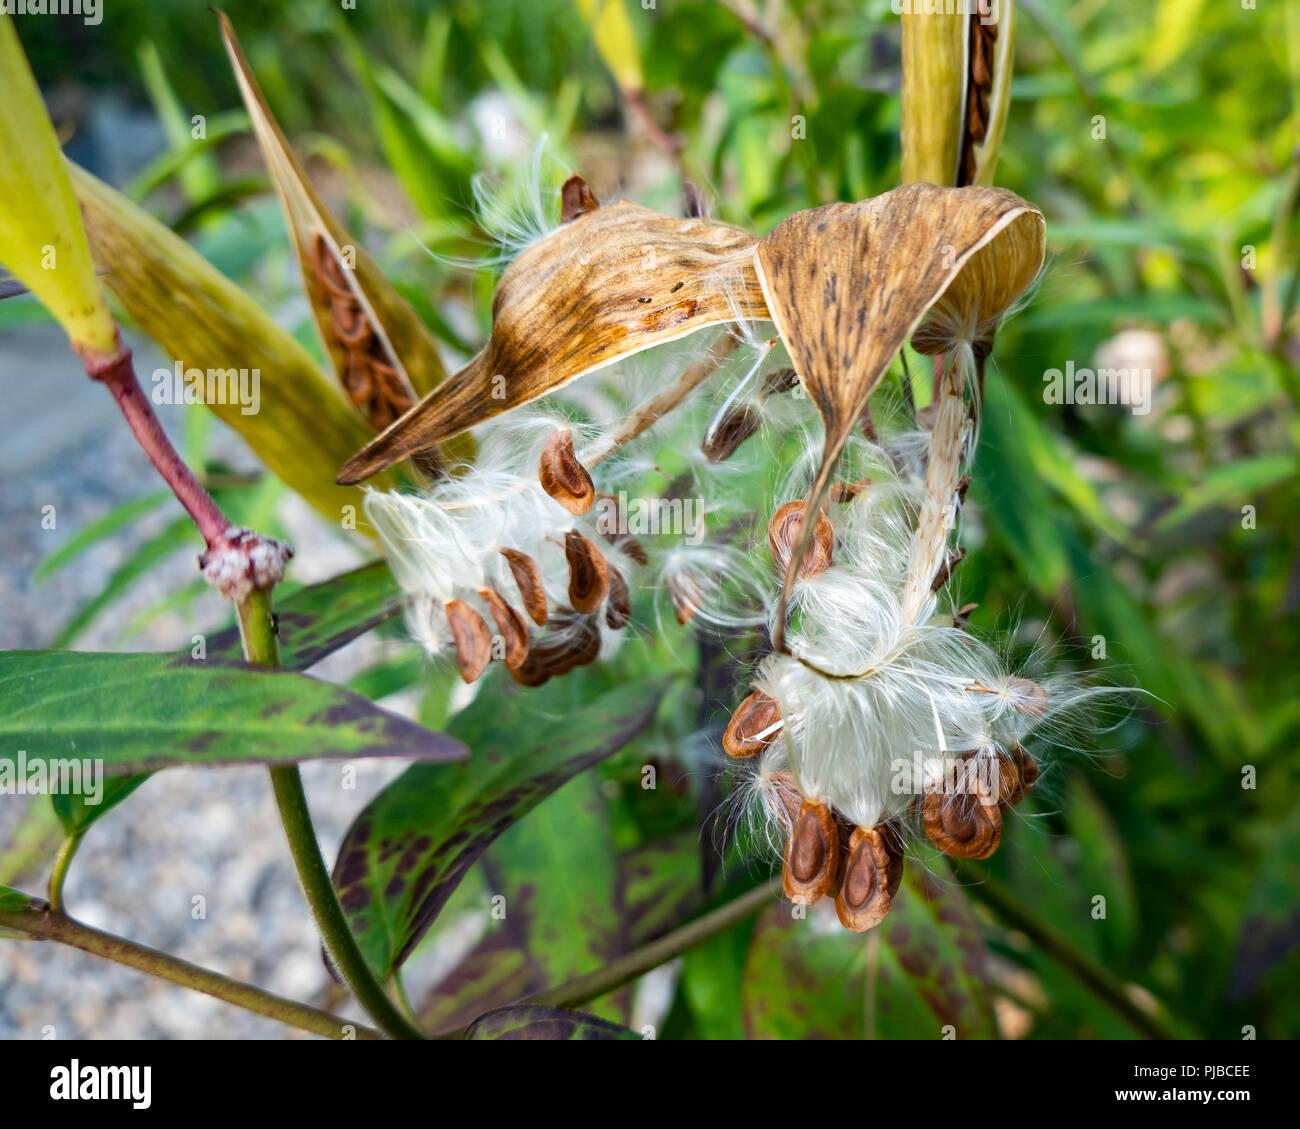 Abrir las vainas en un pantano asclepias planta, Asclepias incarnata, en un jardín en el especulador, NY, Estados Unidos con la dispersión de las semillas para formar nuevas plantas. Foto de stock